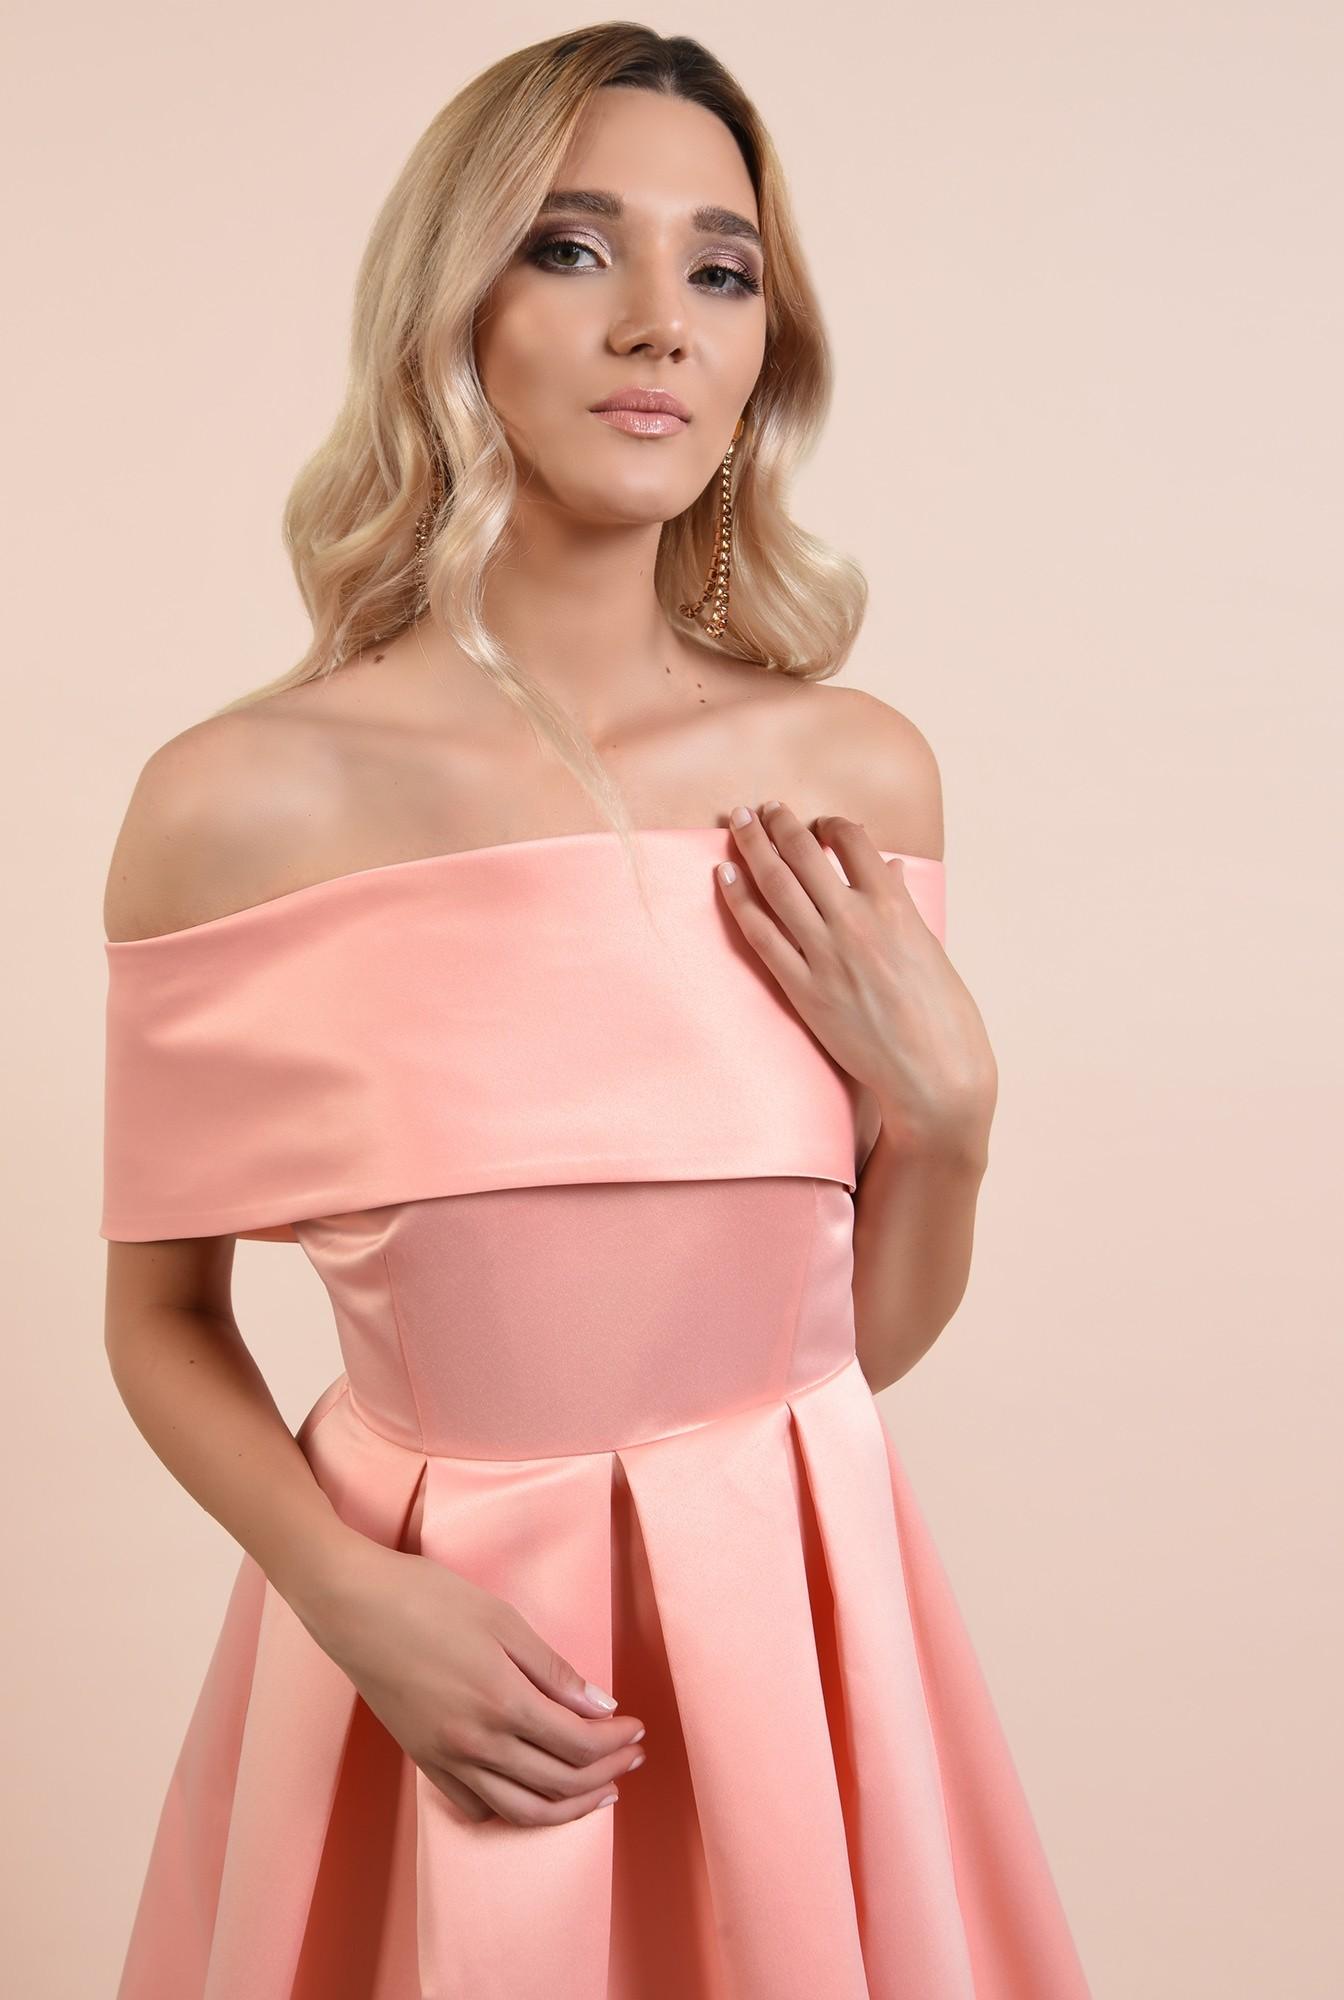 2 - 360 - rochie de ocazie, roz somon, midi, cu pliuri panou, Poema, umeri goi